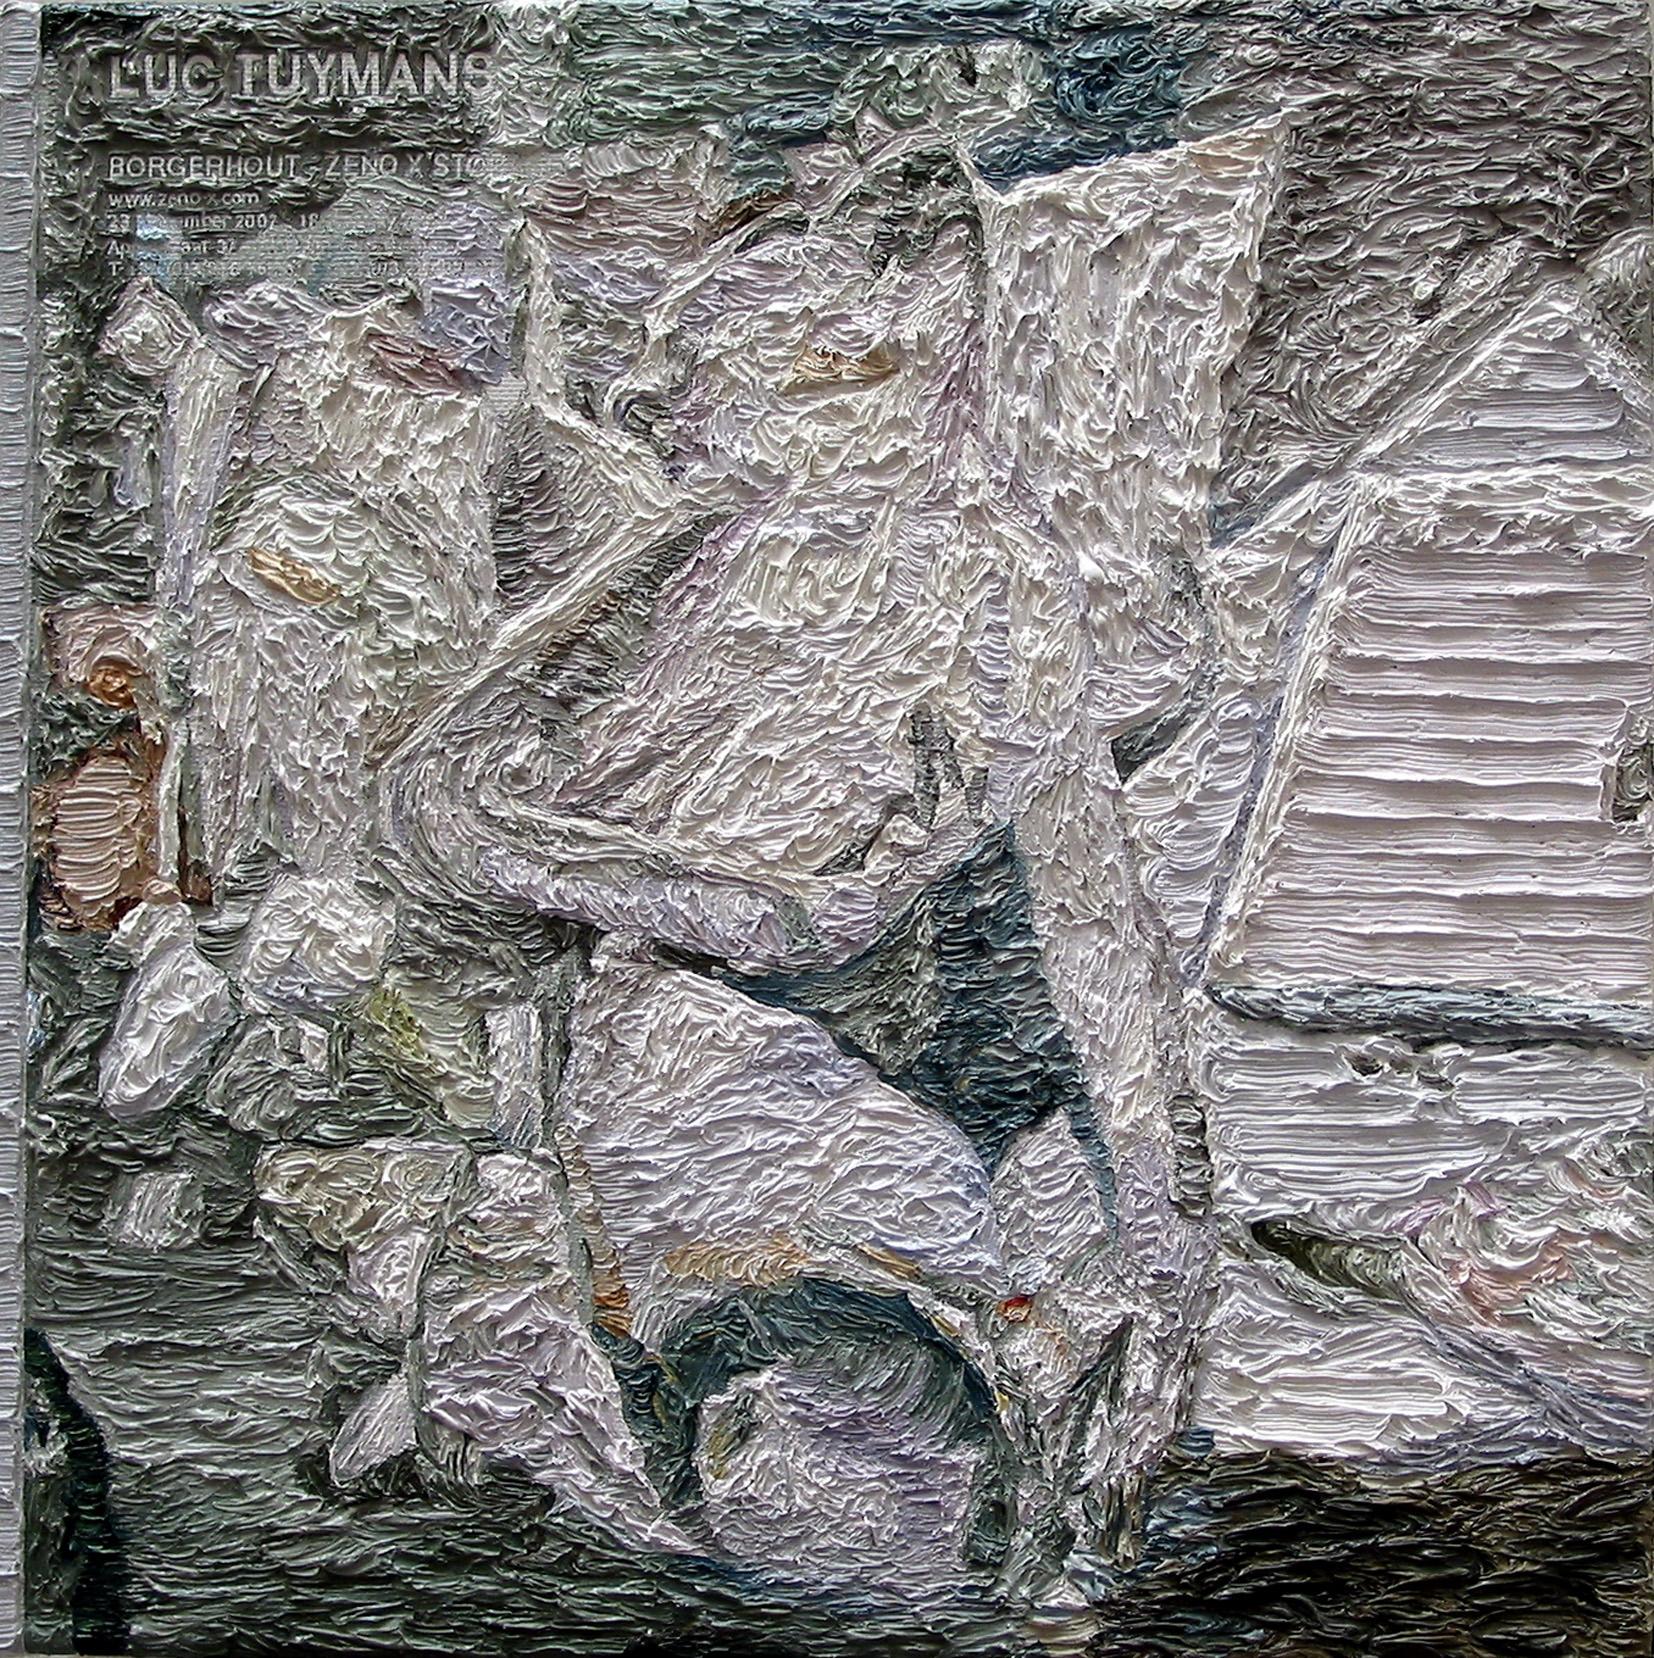 Luc Tuymans at Zeno X